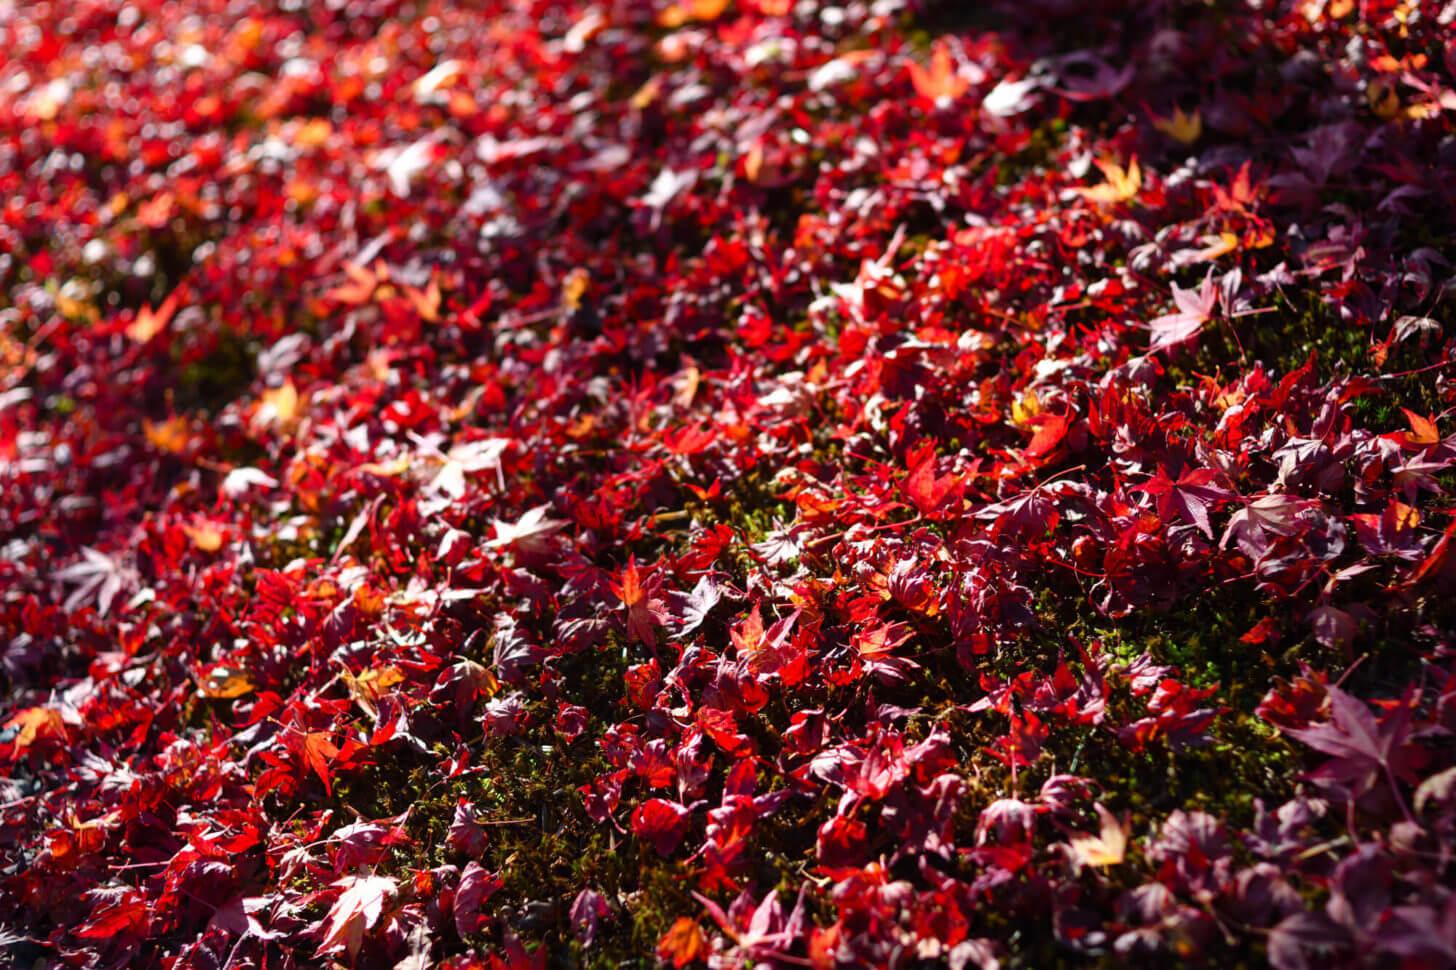 岩倉具視幽棲旧宅の散り紅葉